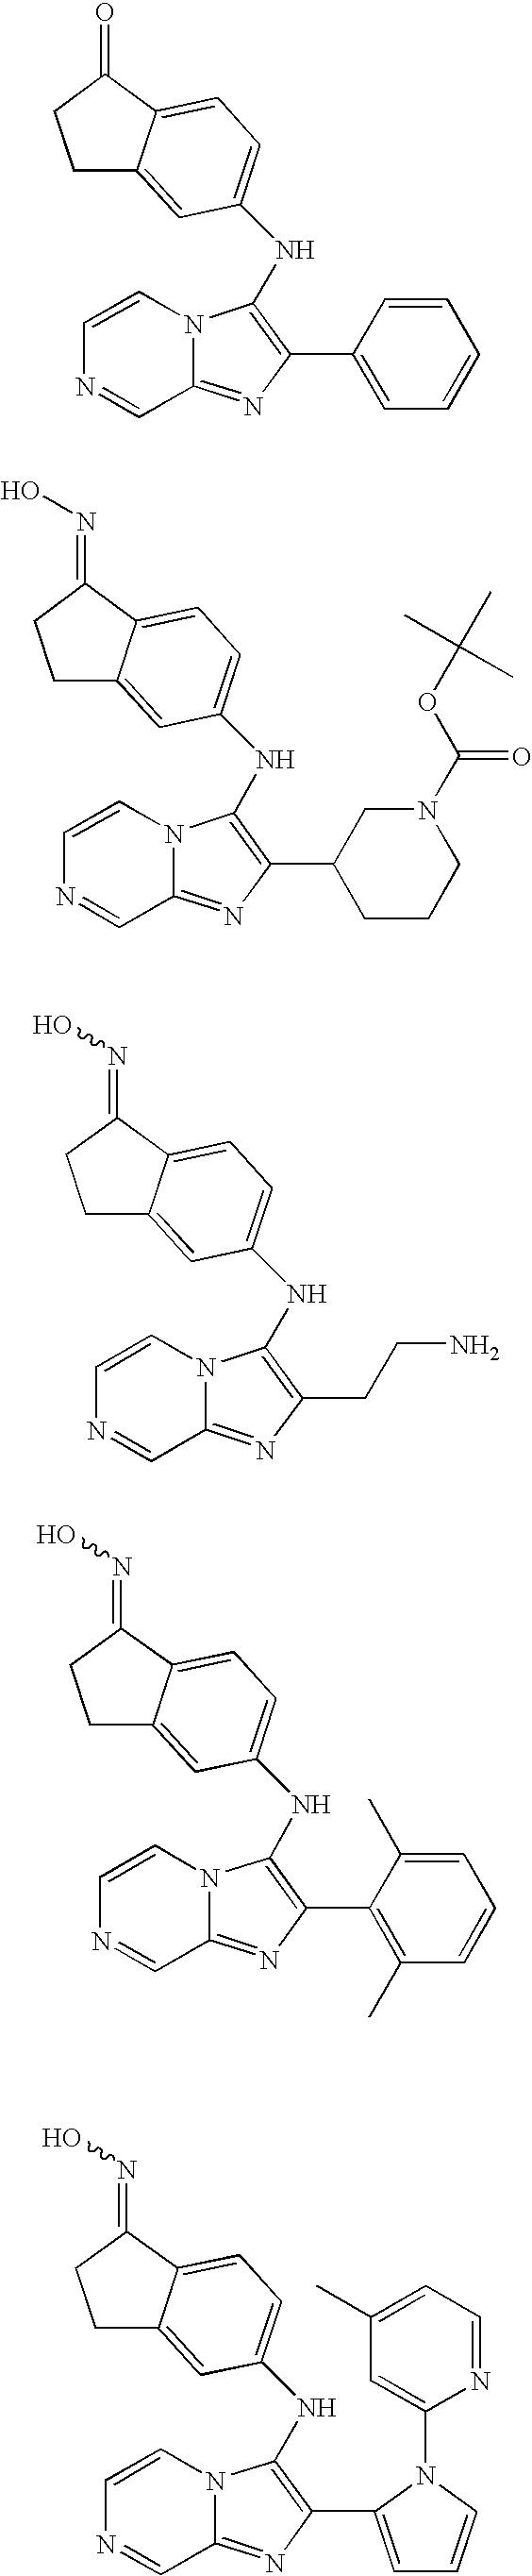 Figure US07566716-20090728-C00154